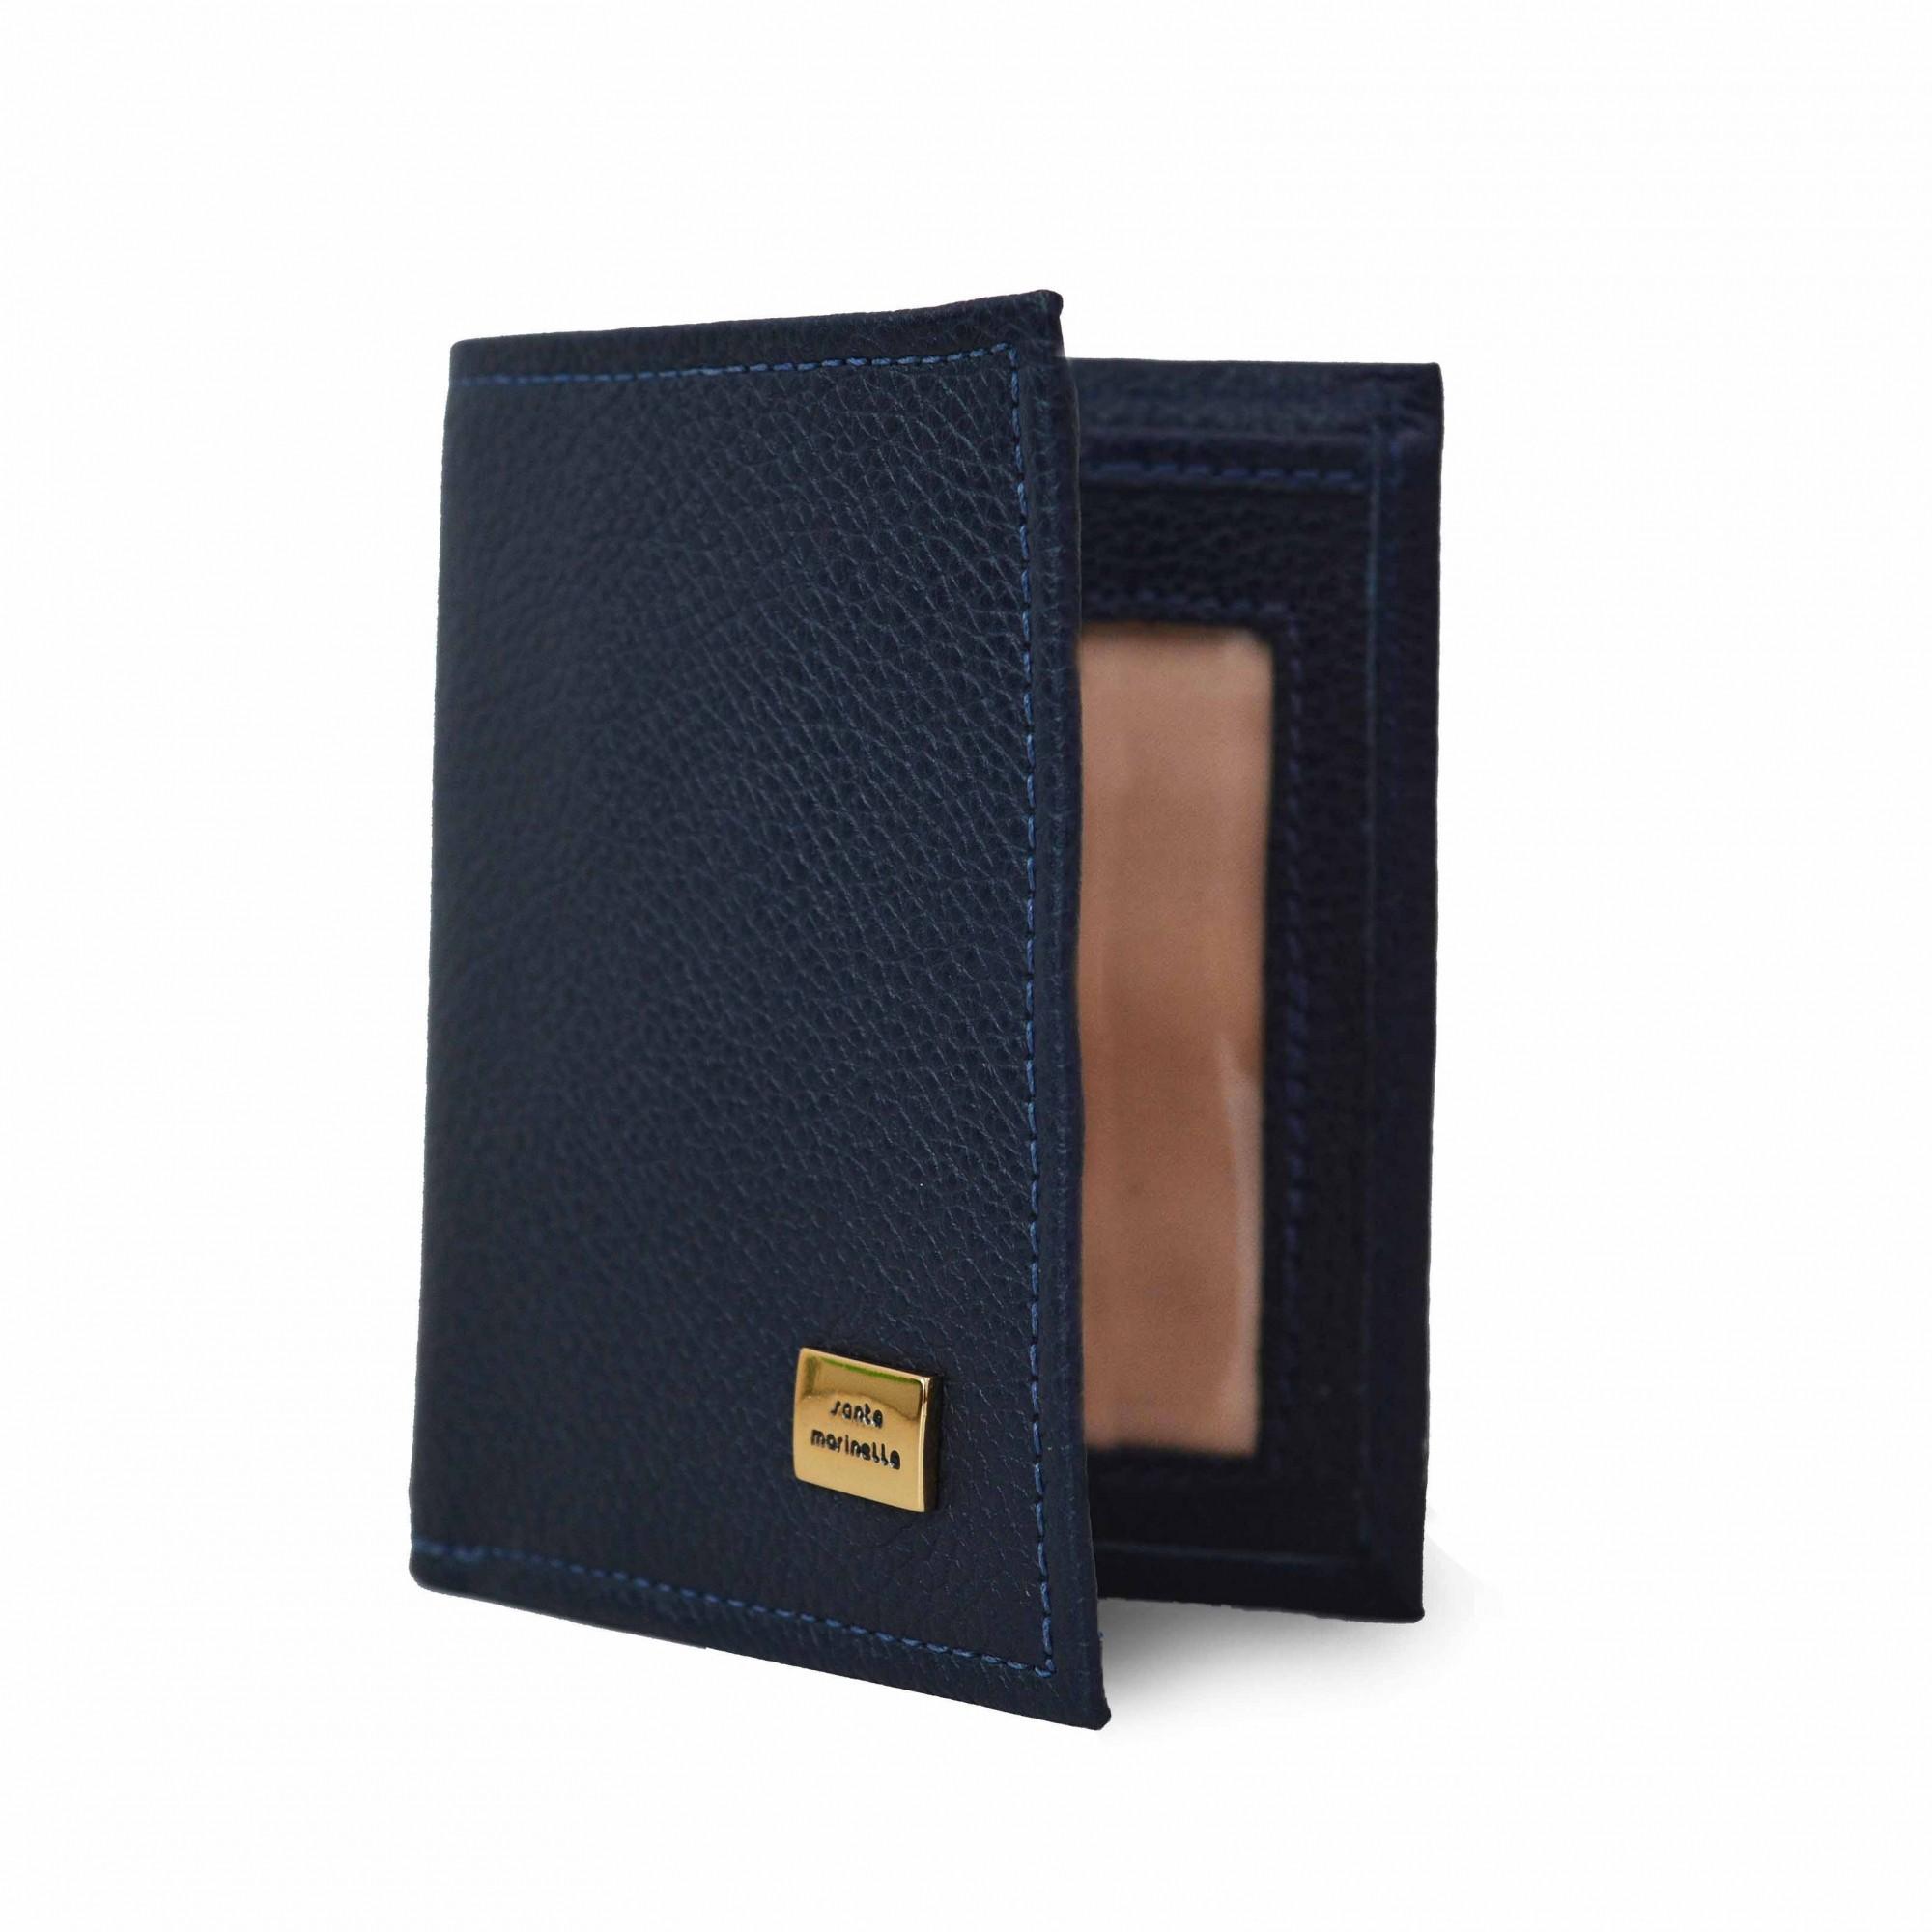 Porta Cartão SM C351 - Couro Floater